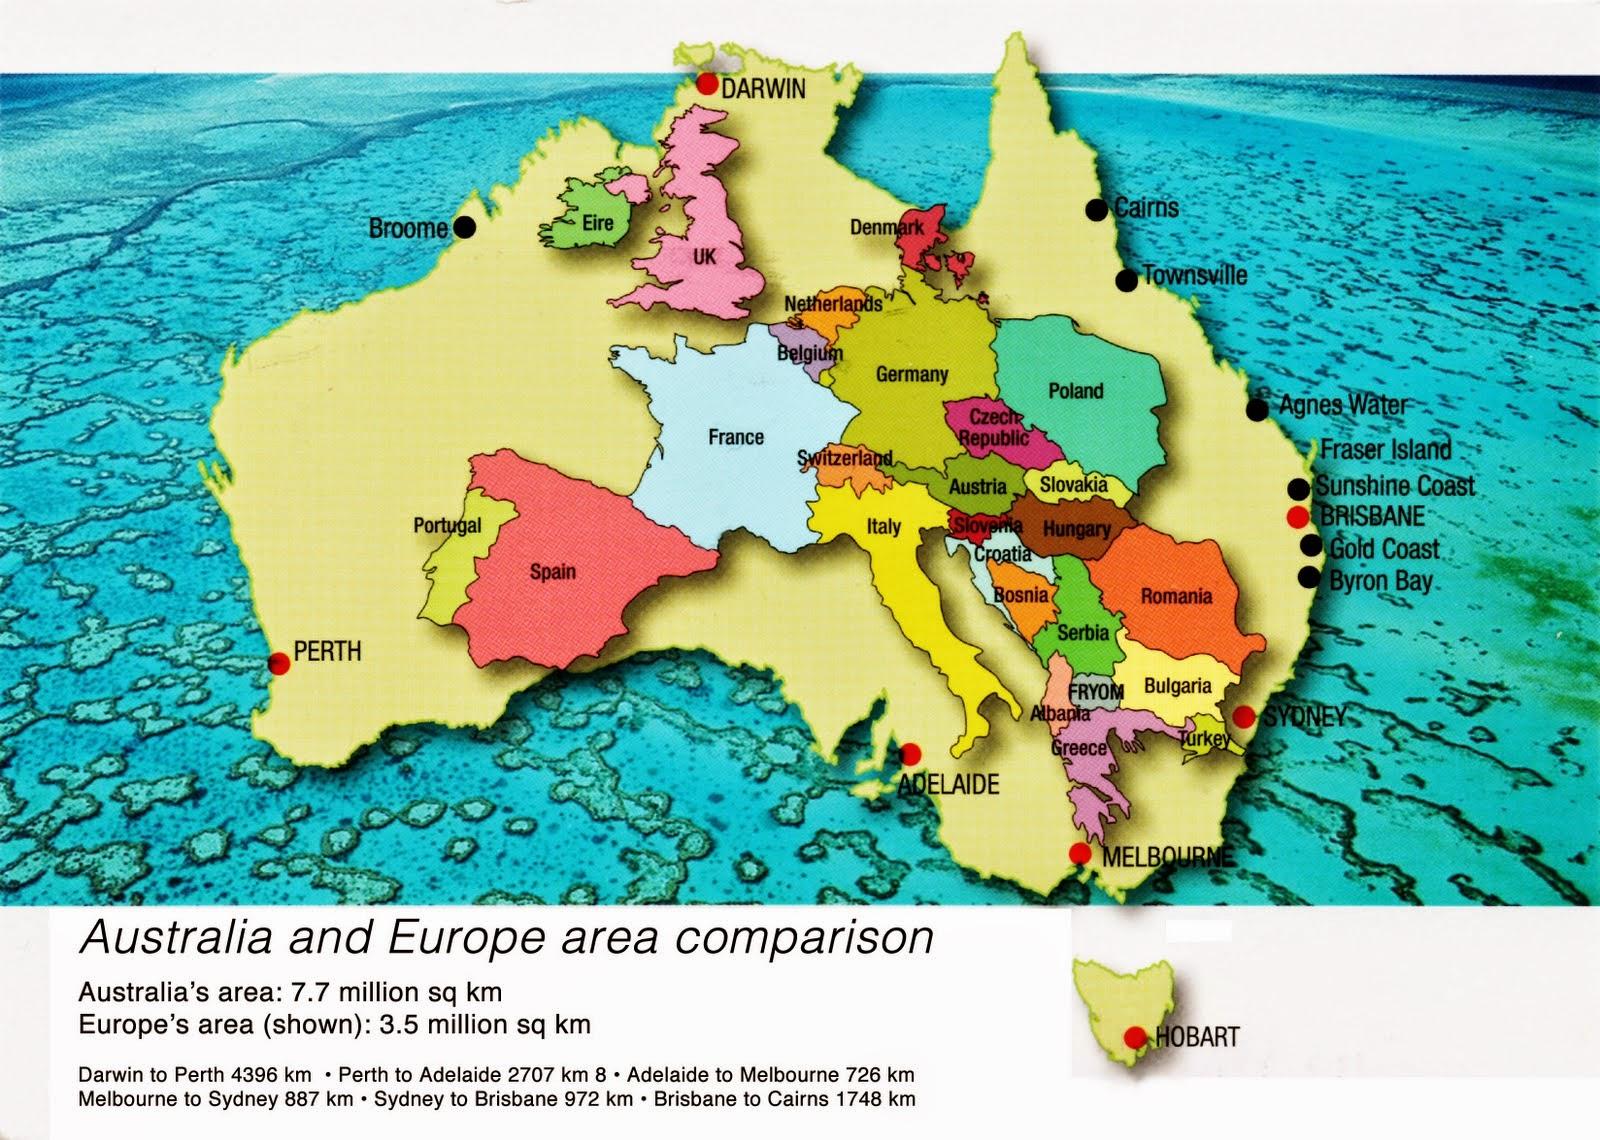 территория Европы по сравнению с Австралией